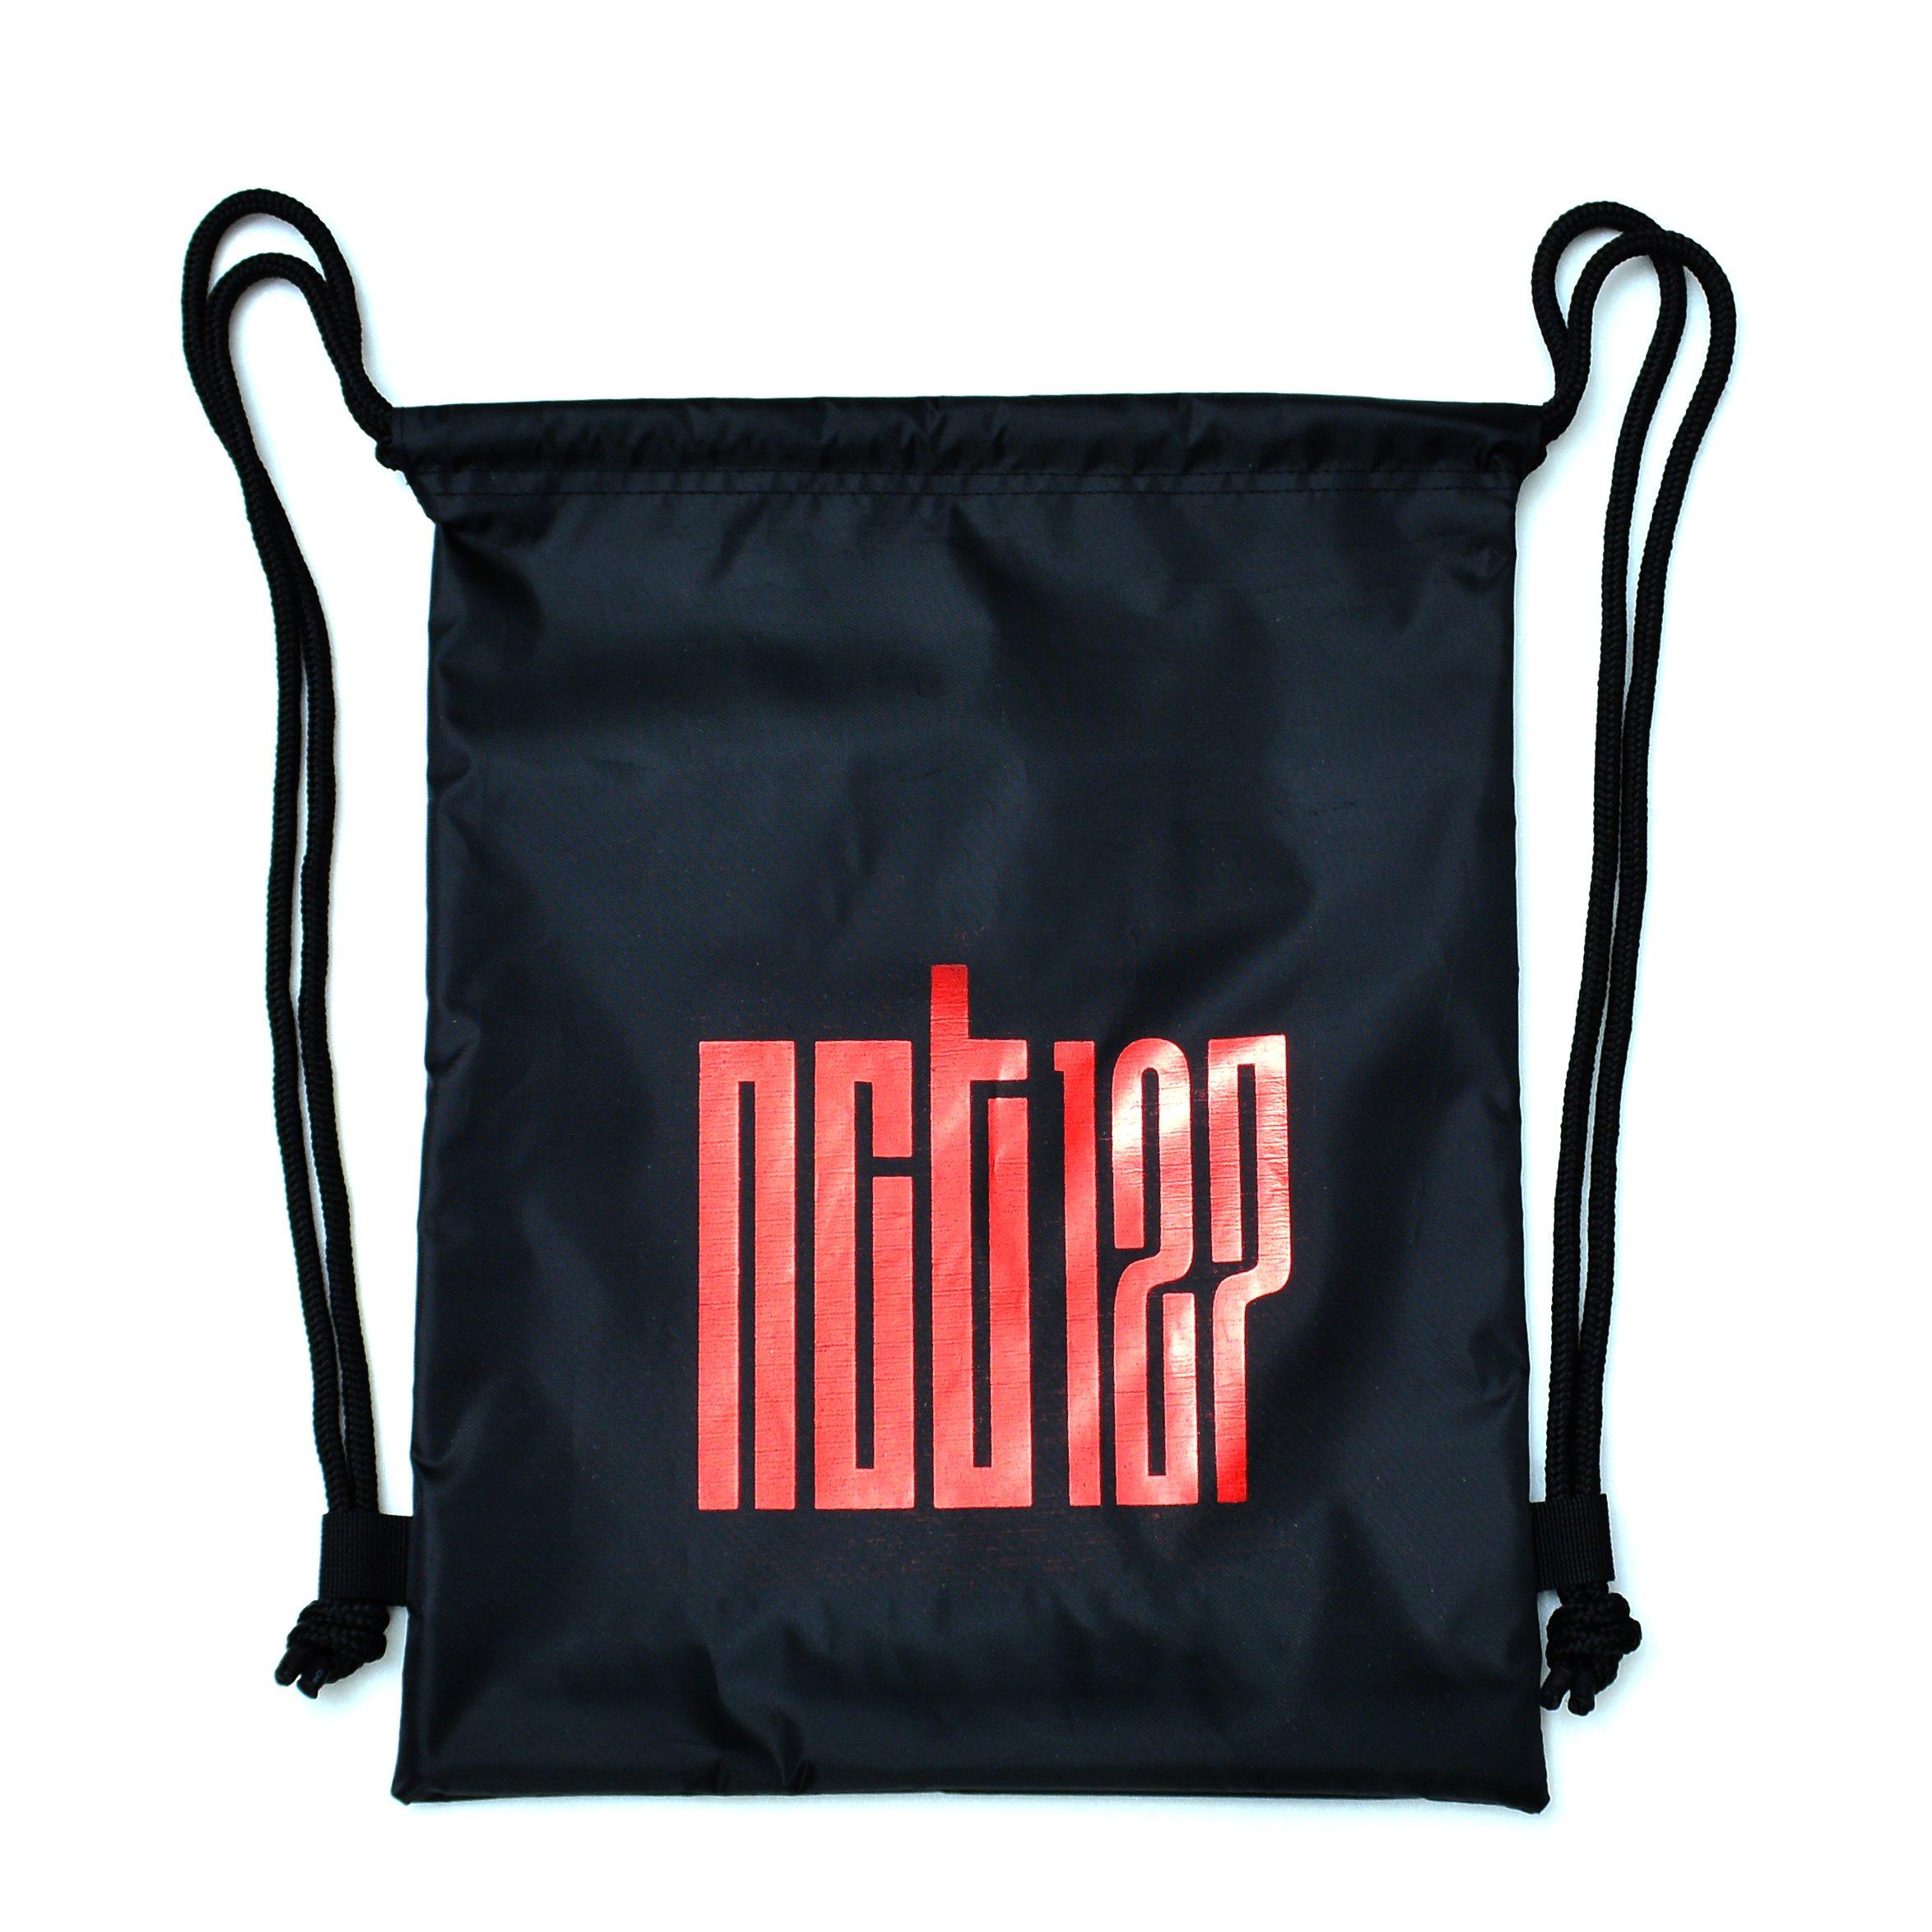 KPOP NCT 127 Casual Shoulder Bag String Bag 504